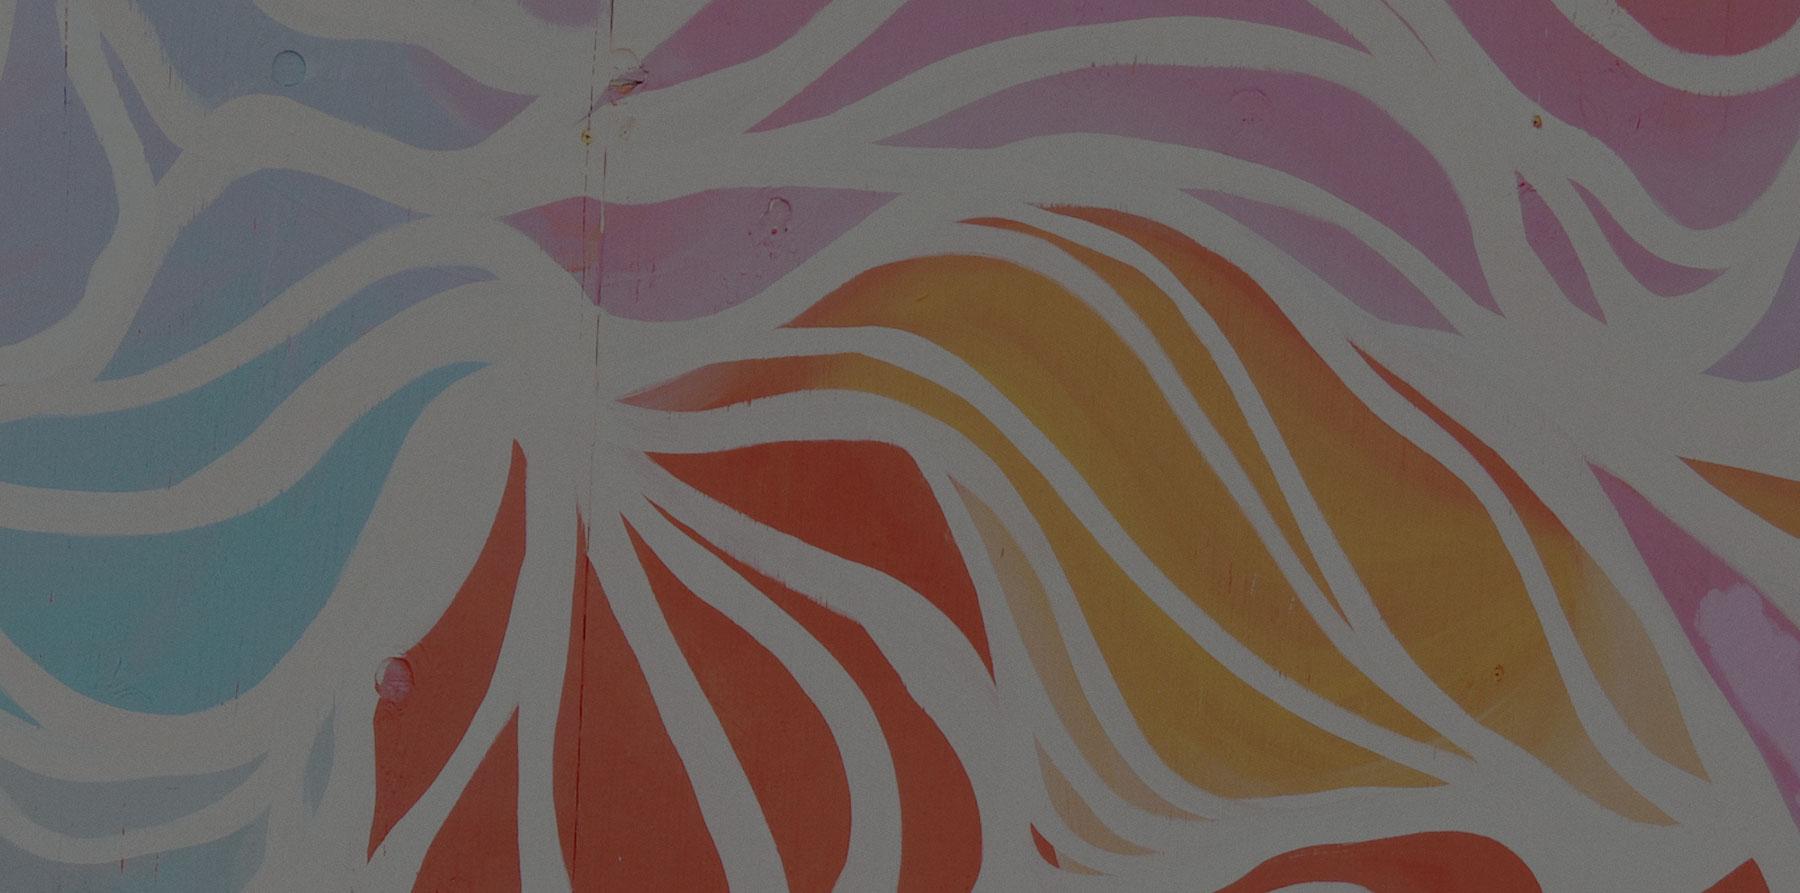 看板の配色表現